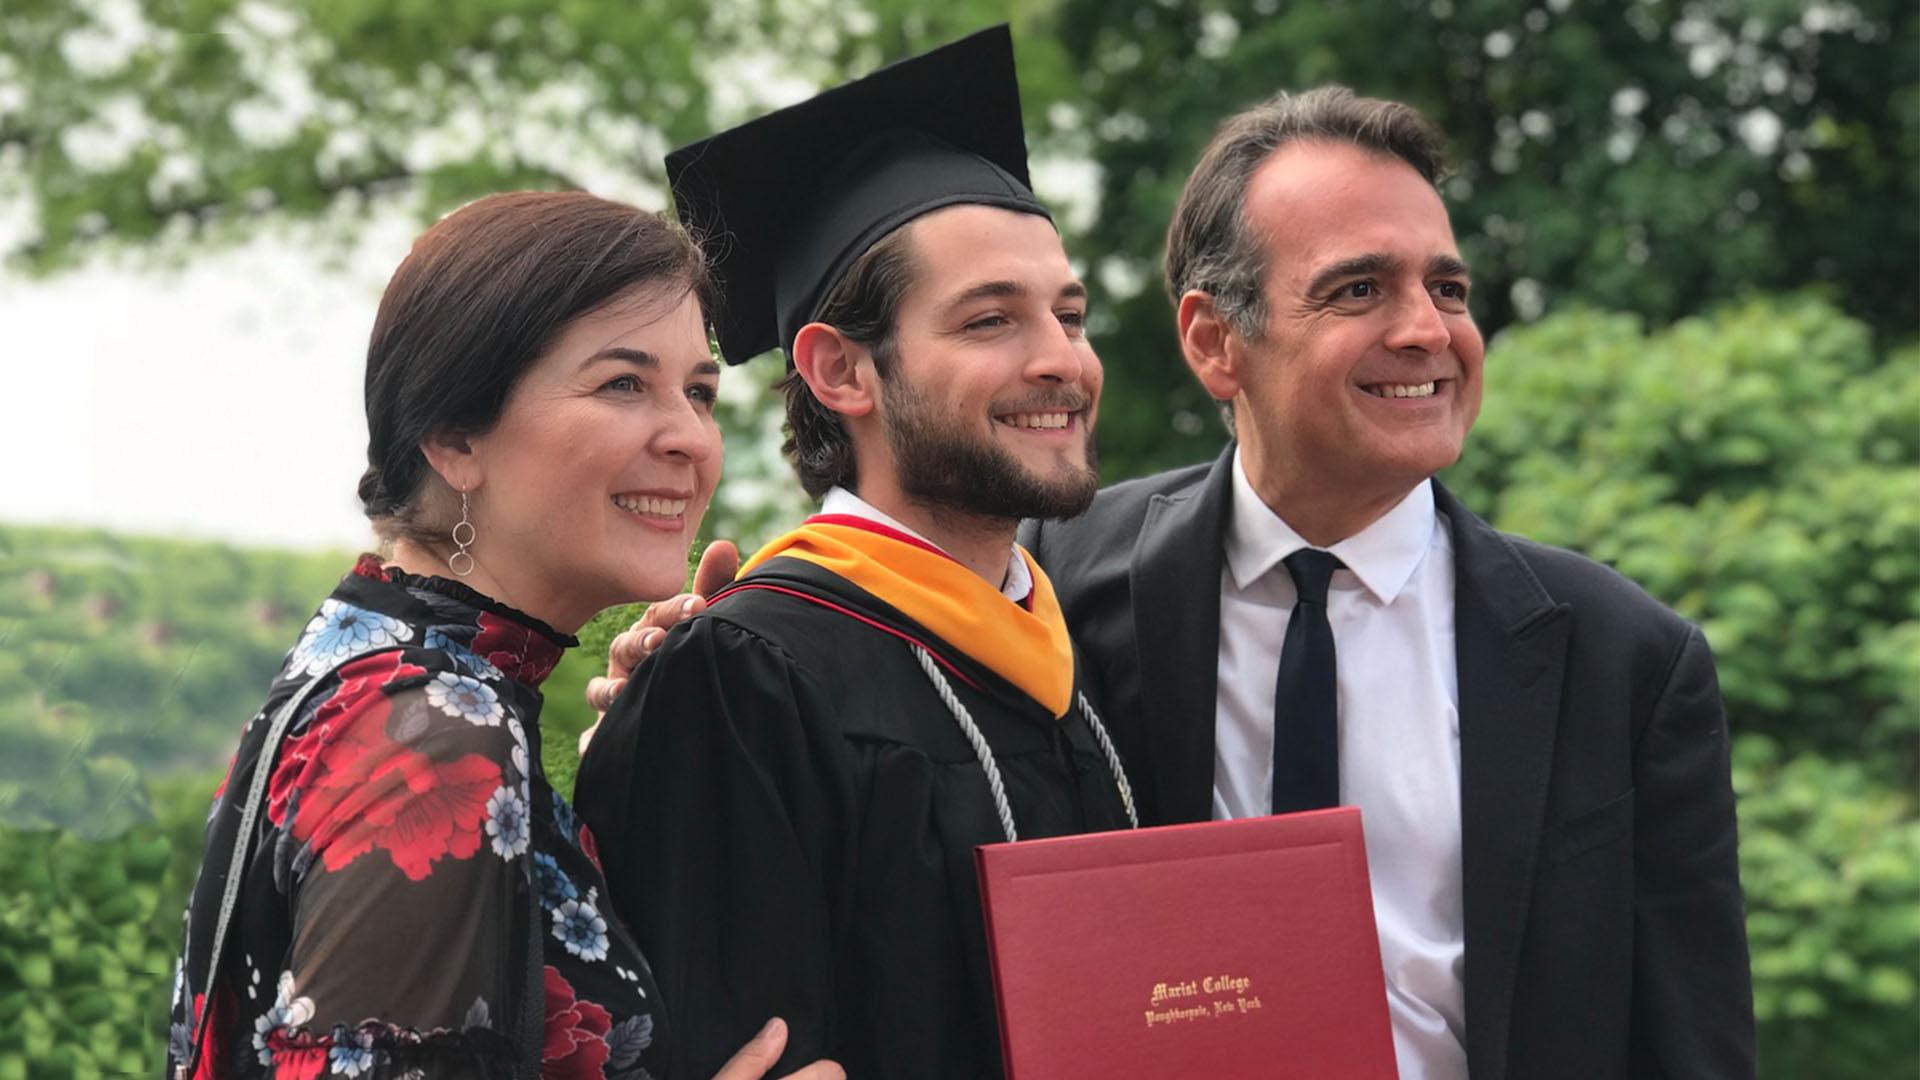 David Cantu Best College Aid